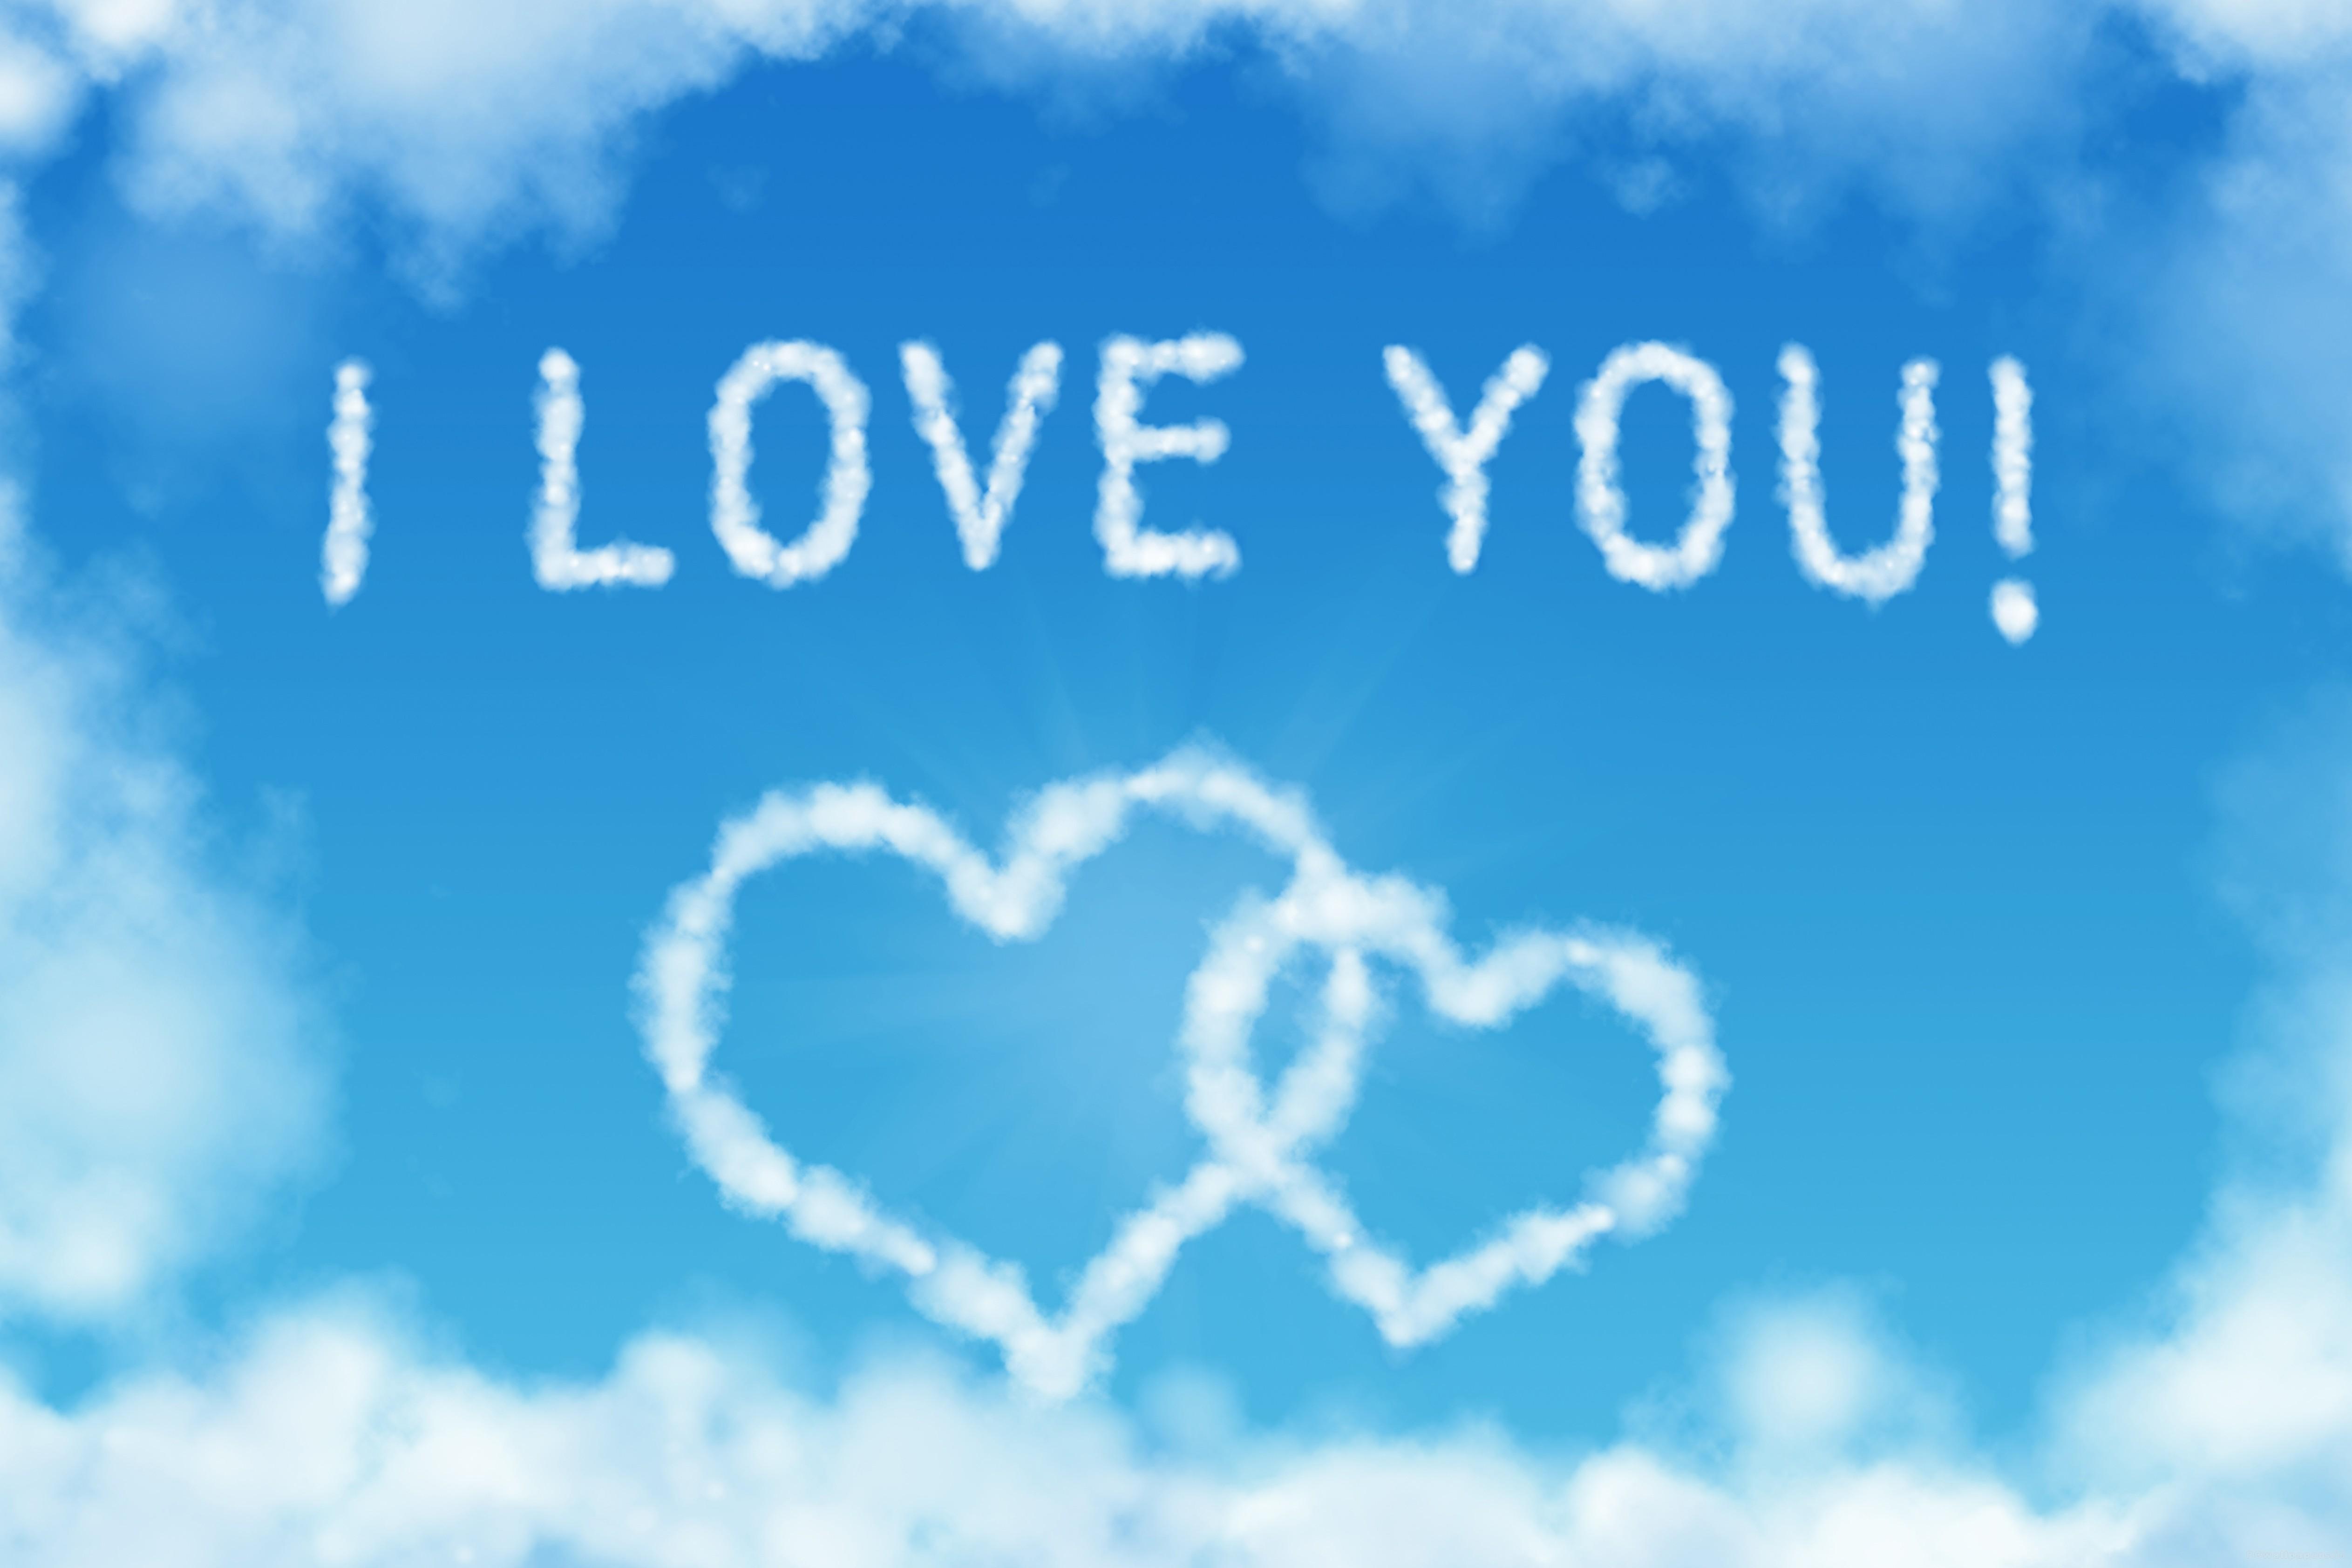 I Love You Full Hd